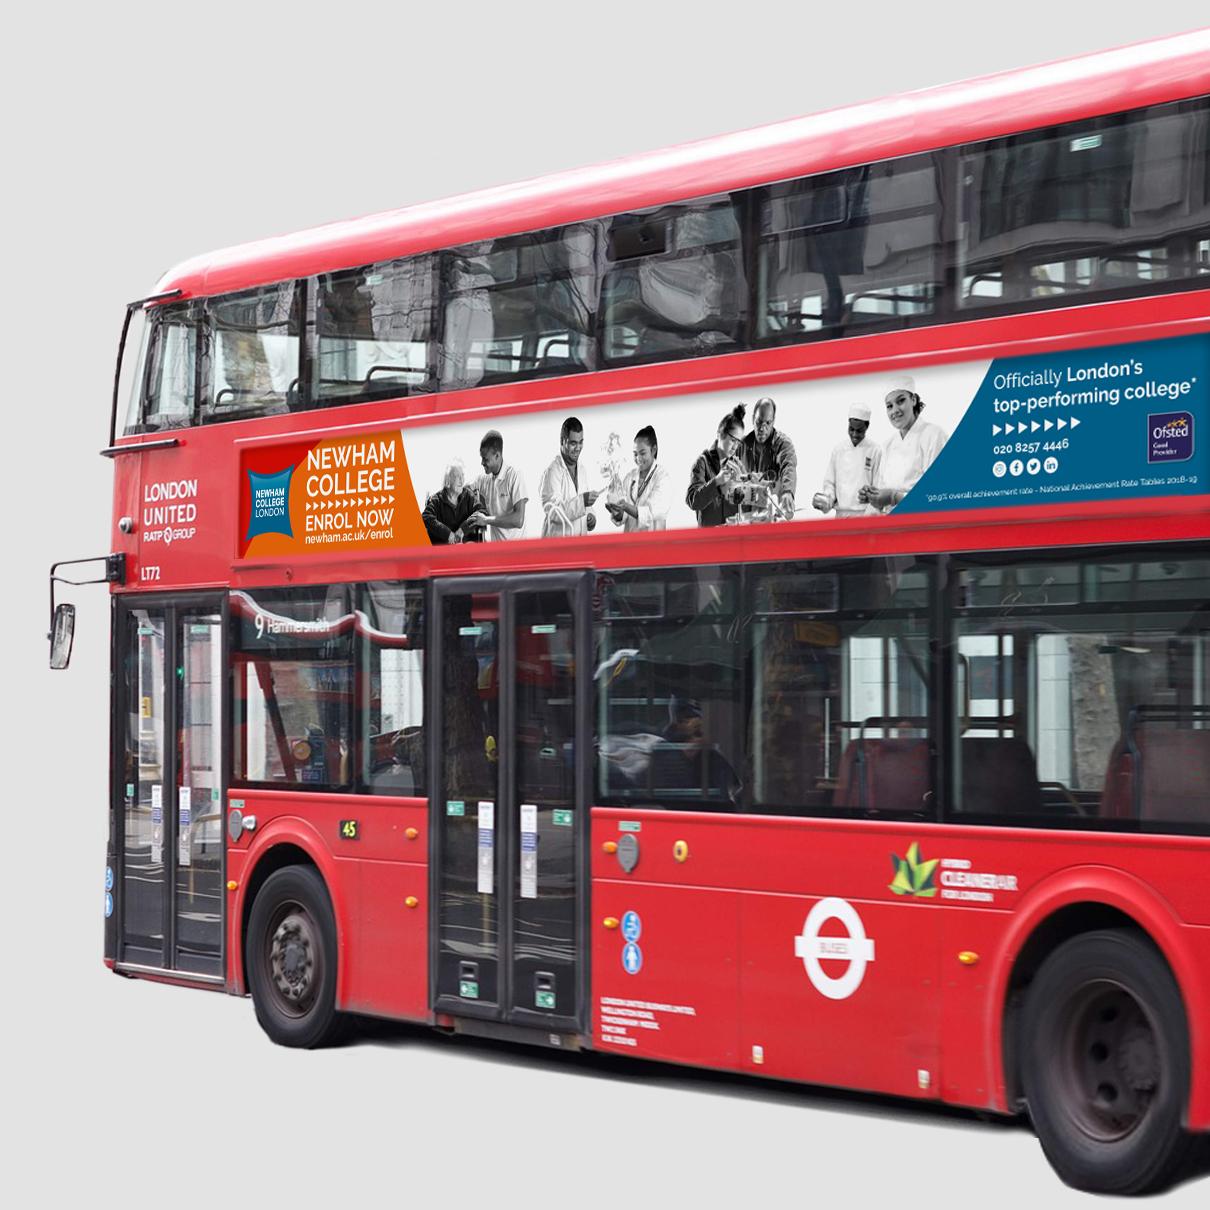 NCL-SummerCampaign-Bus